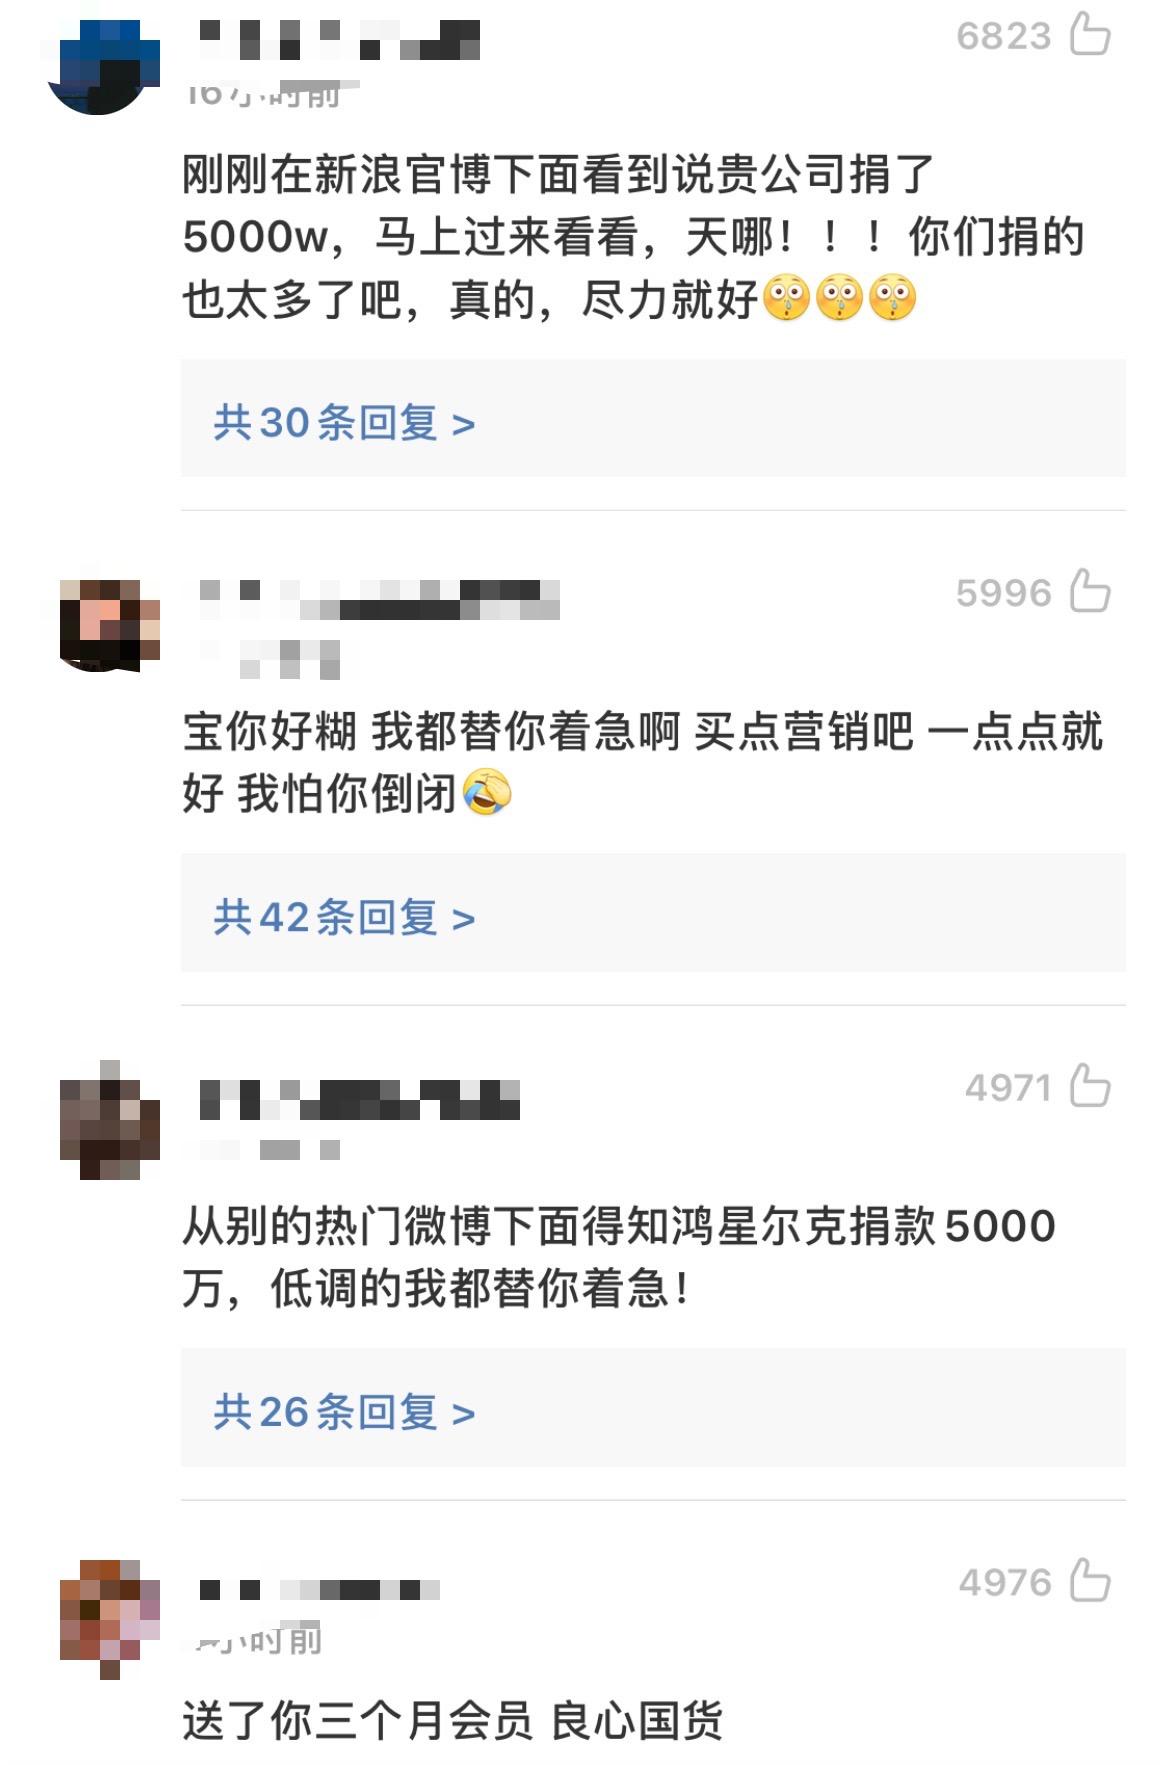 """鸿星尔克去年月均营收2.3亿 捐资5000万被网友集体""""心疼"""""""